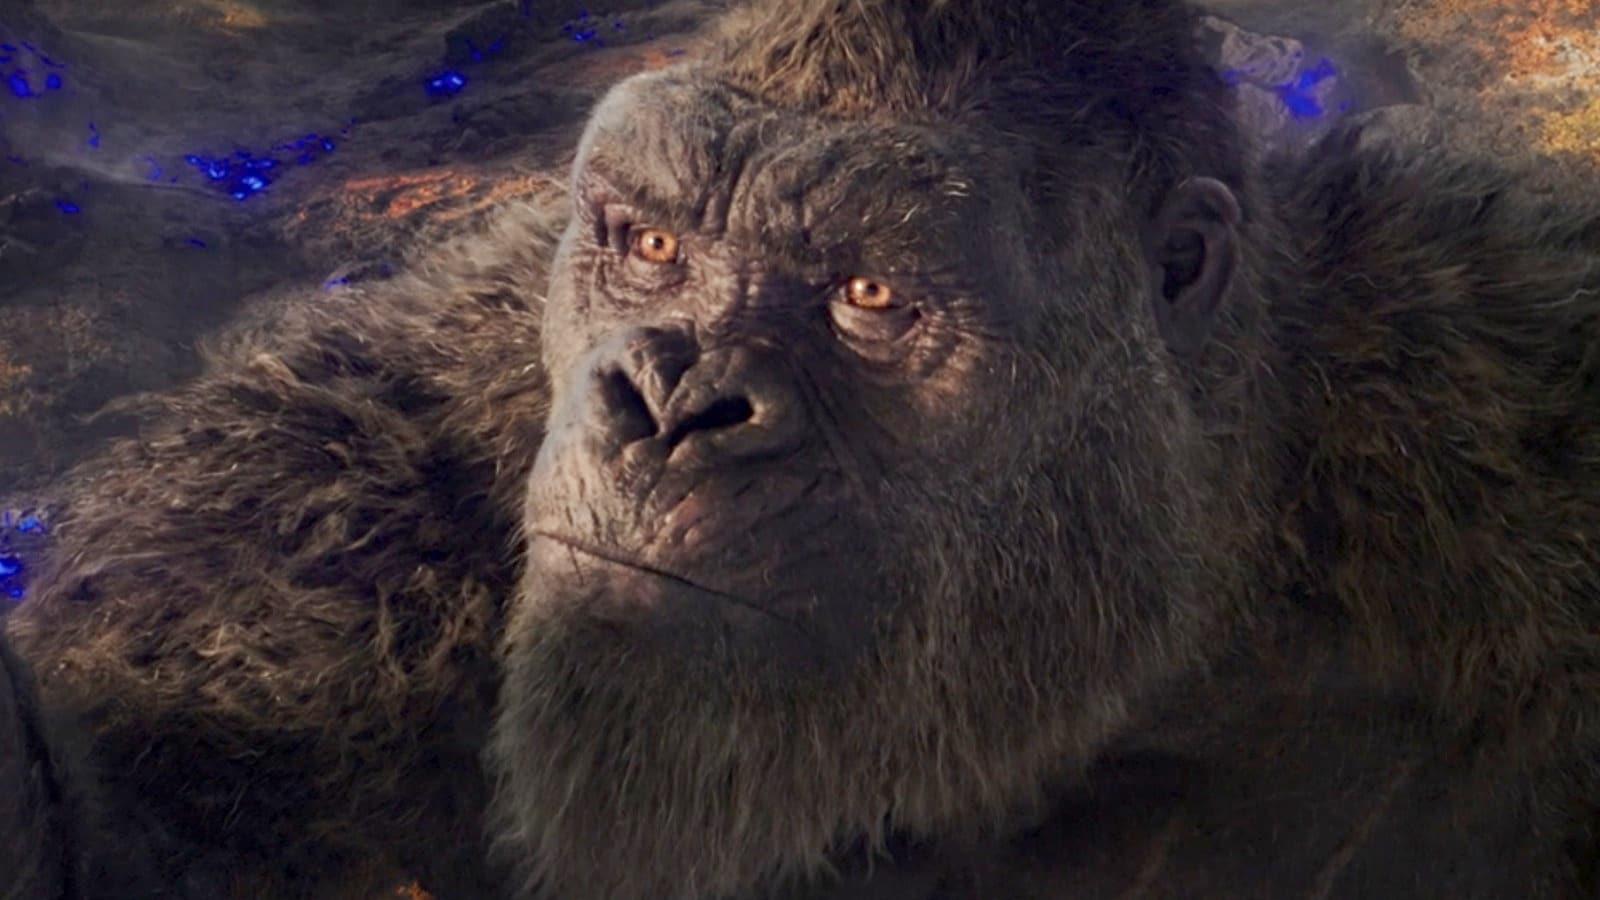 King Kong from Godzilla vs King Kong